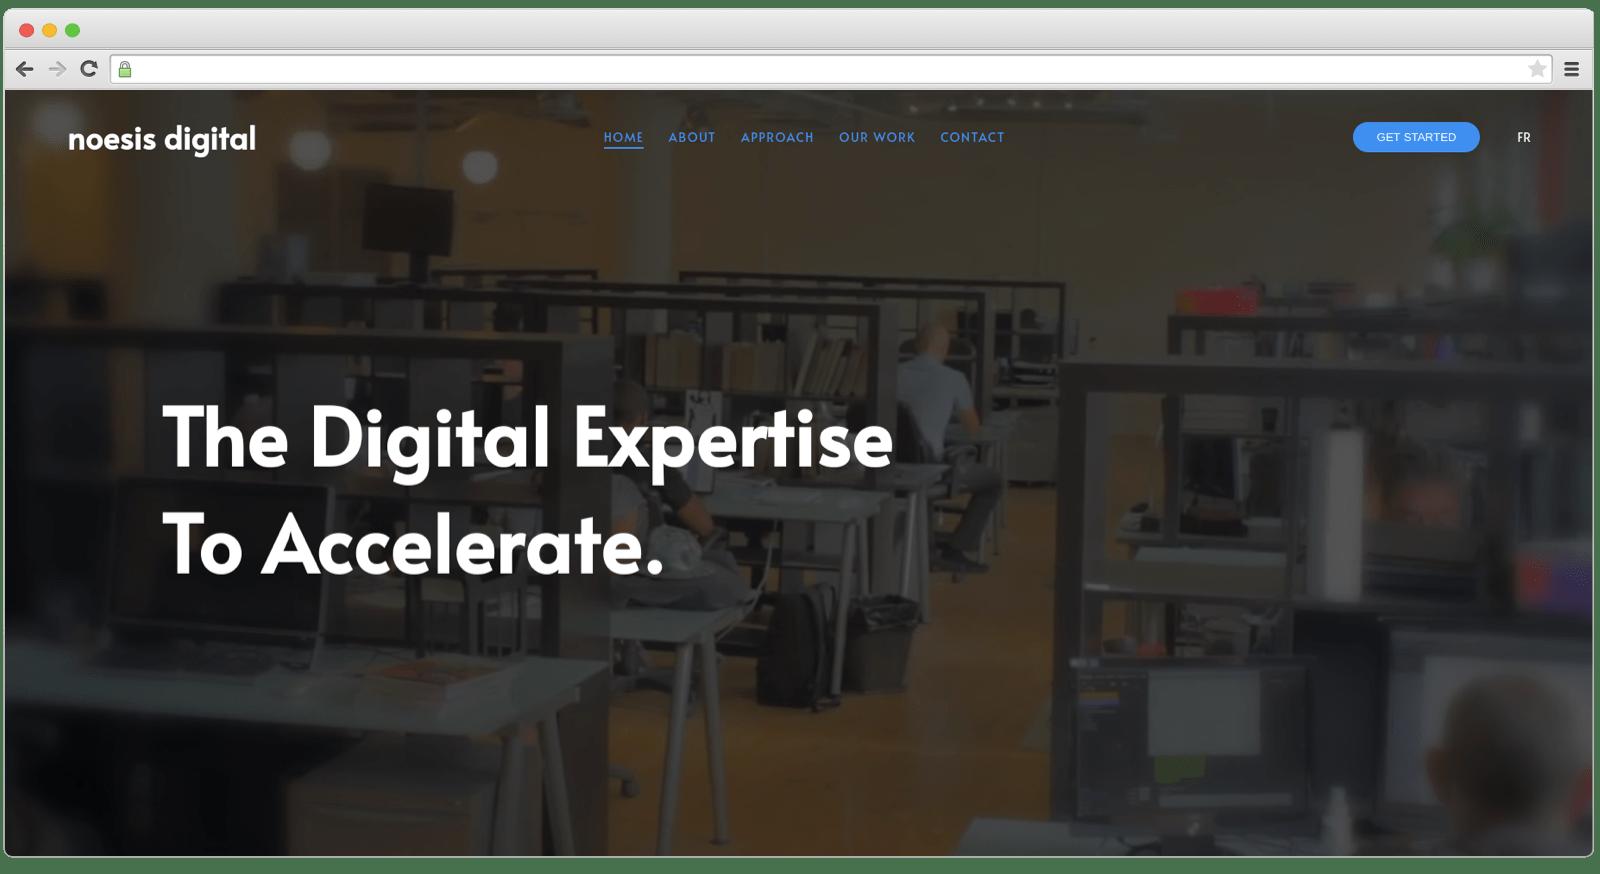 noesis digital